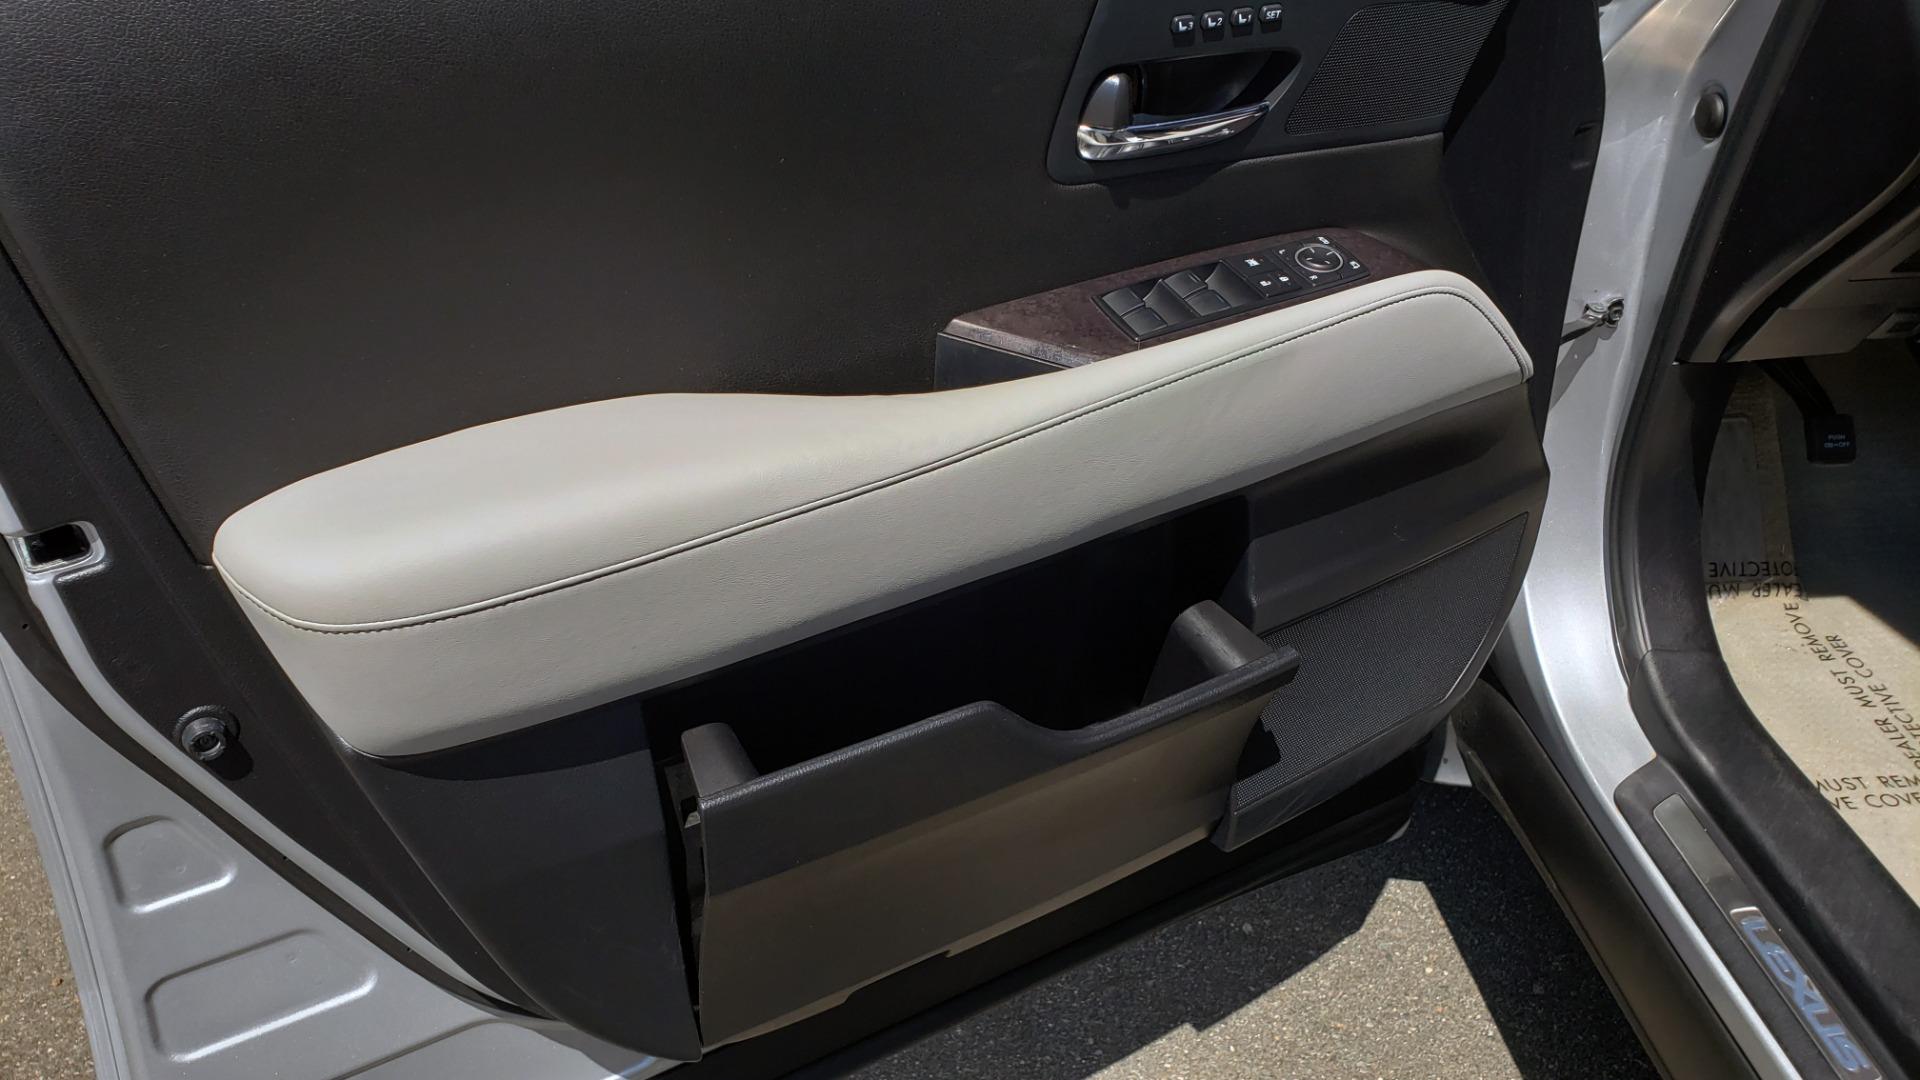 Used 2015 Lexus RX 450H AWD / PREM PKG / NAV / PARK ASST / HUD / BLIND SPOT MONITOR for sale Sold at Formula Imports in Charlotte NC 28227 33